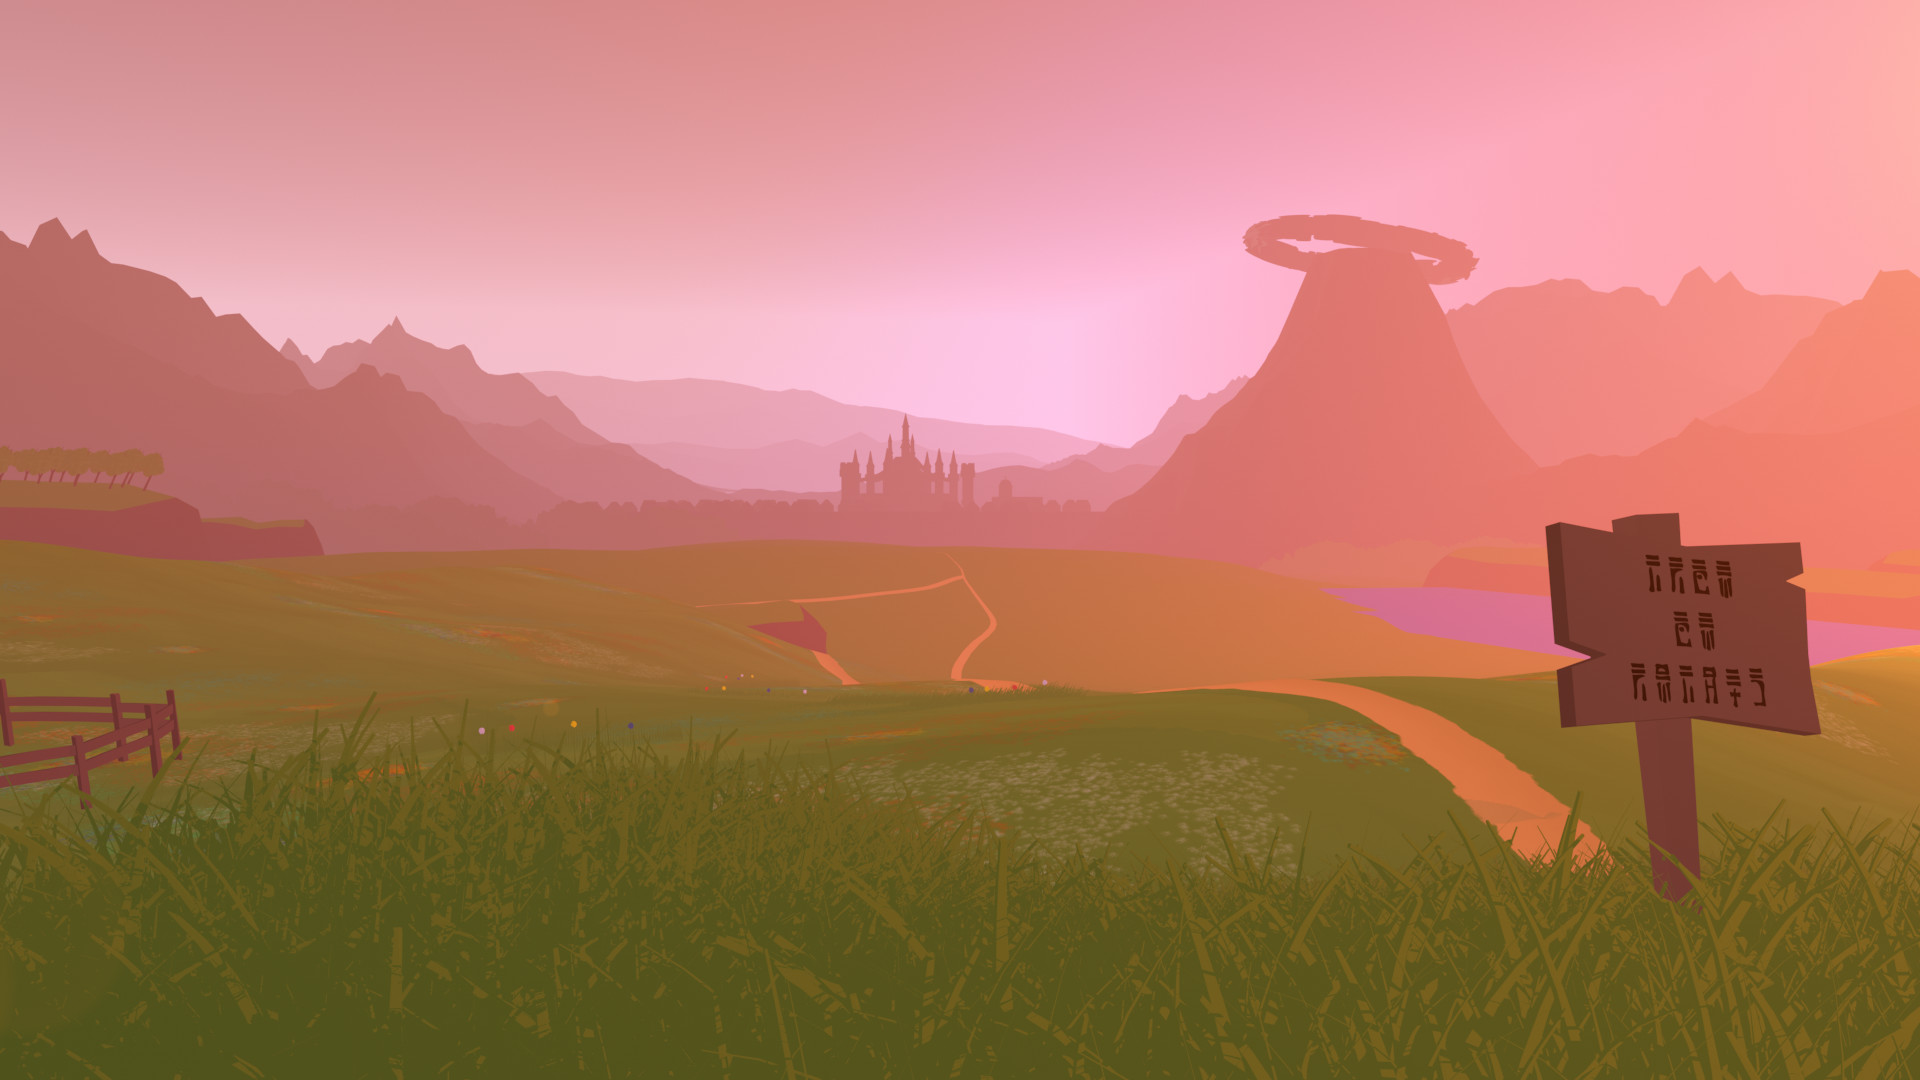 Zelda Computer Wallpapers, Desktop Backgrounds     ID:380107